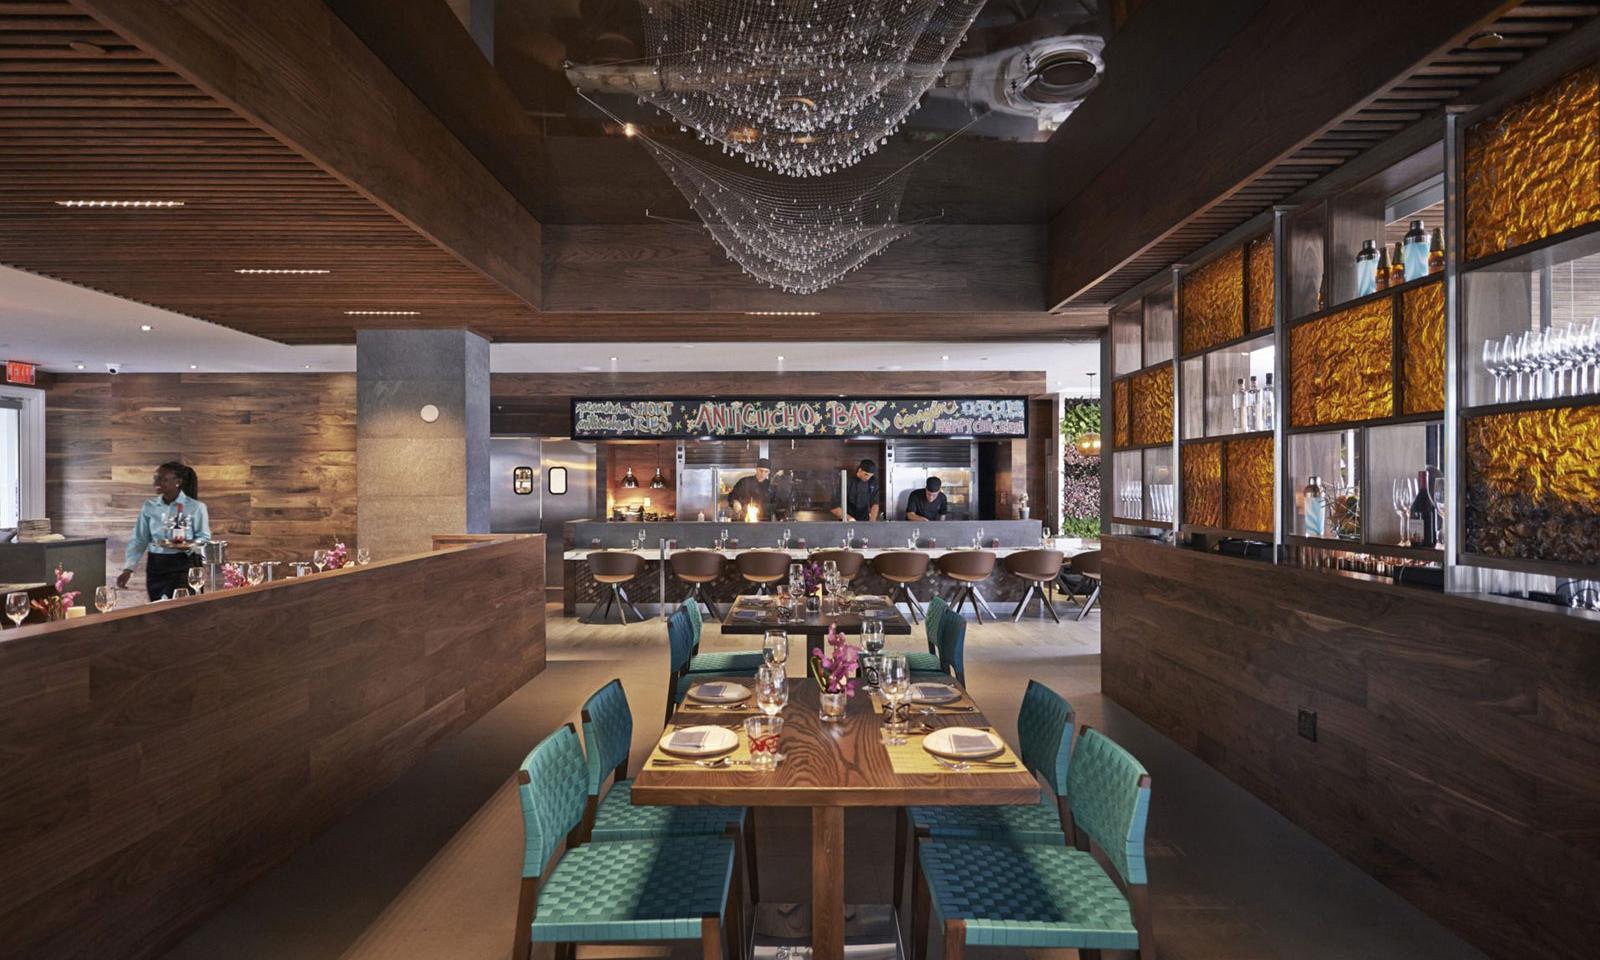 Mandarin oriental miami un hotel de lujo con vistas al for Booking hoteles de lujo